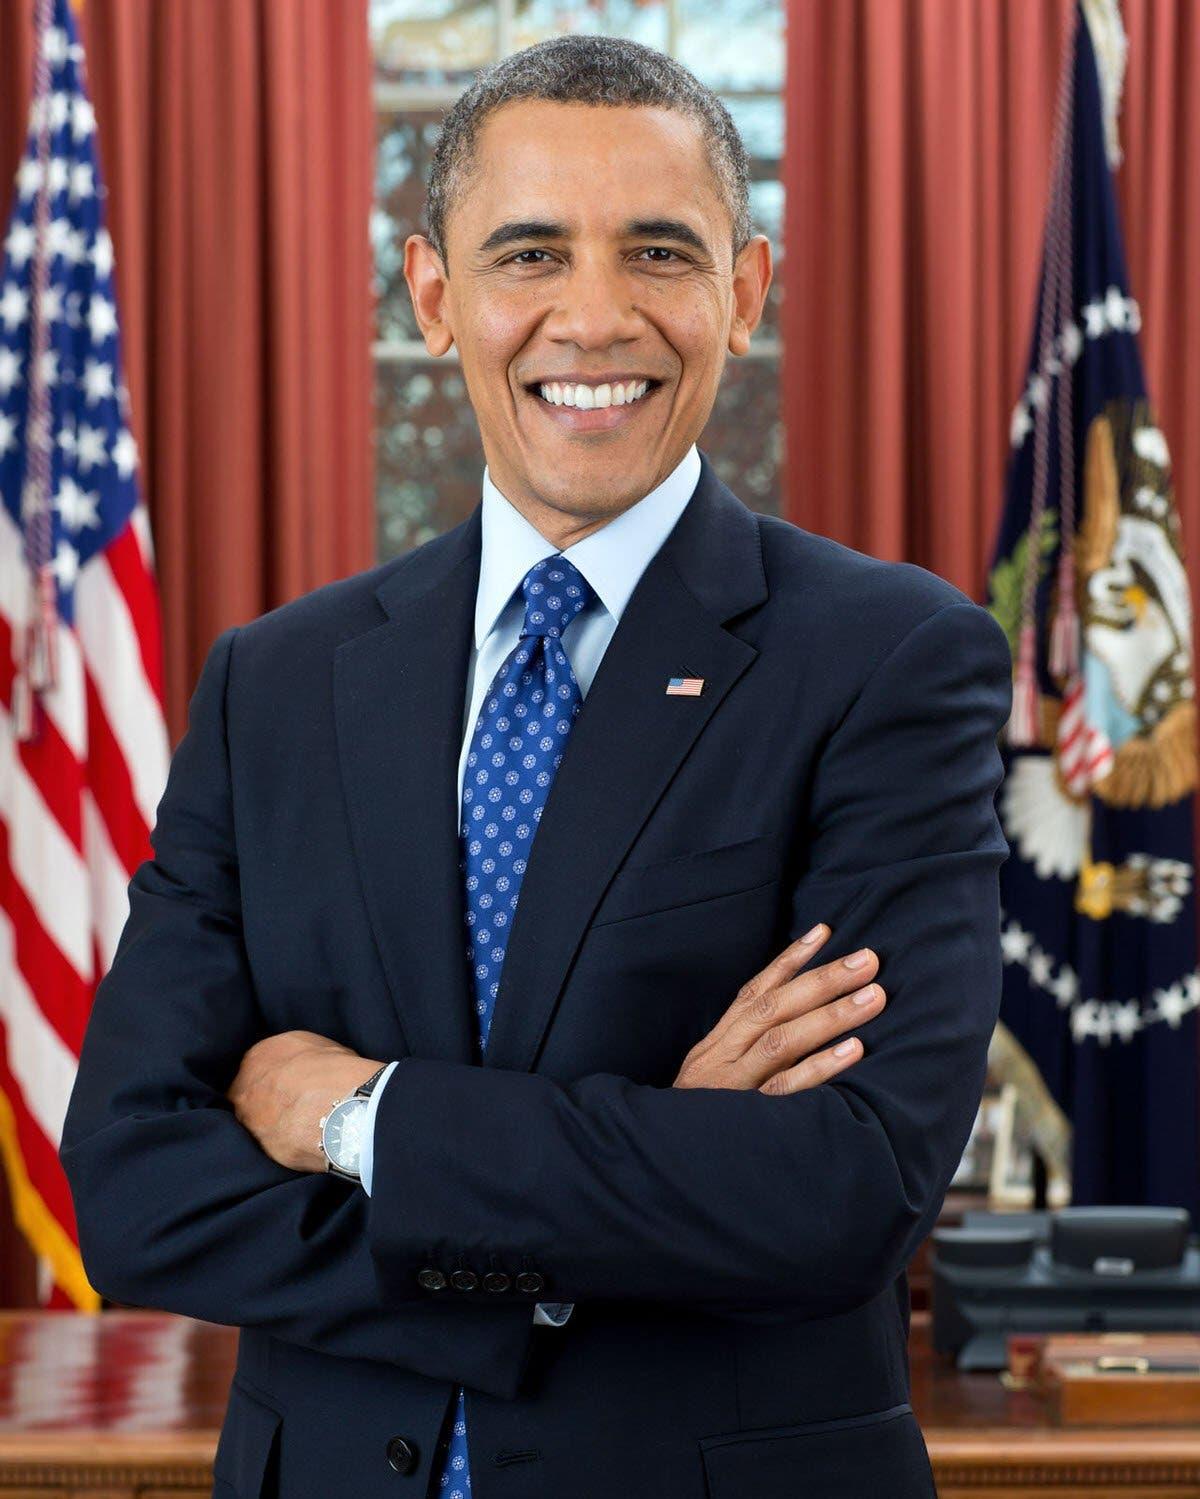 صورة أوباما الرسمية خلال فترة الرئاسة الثانية